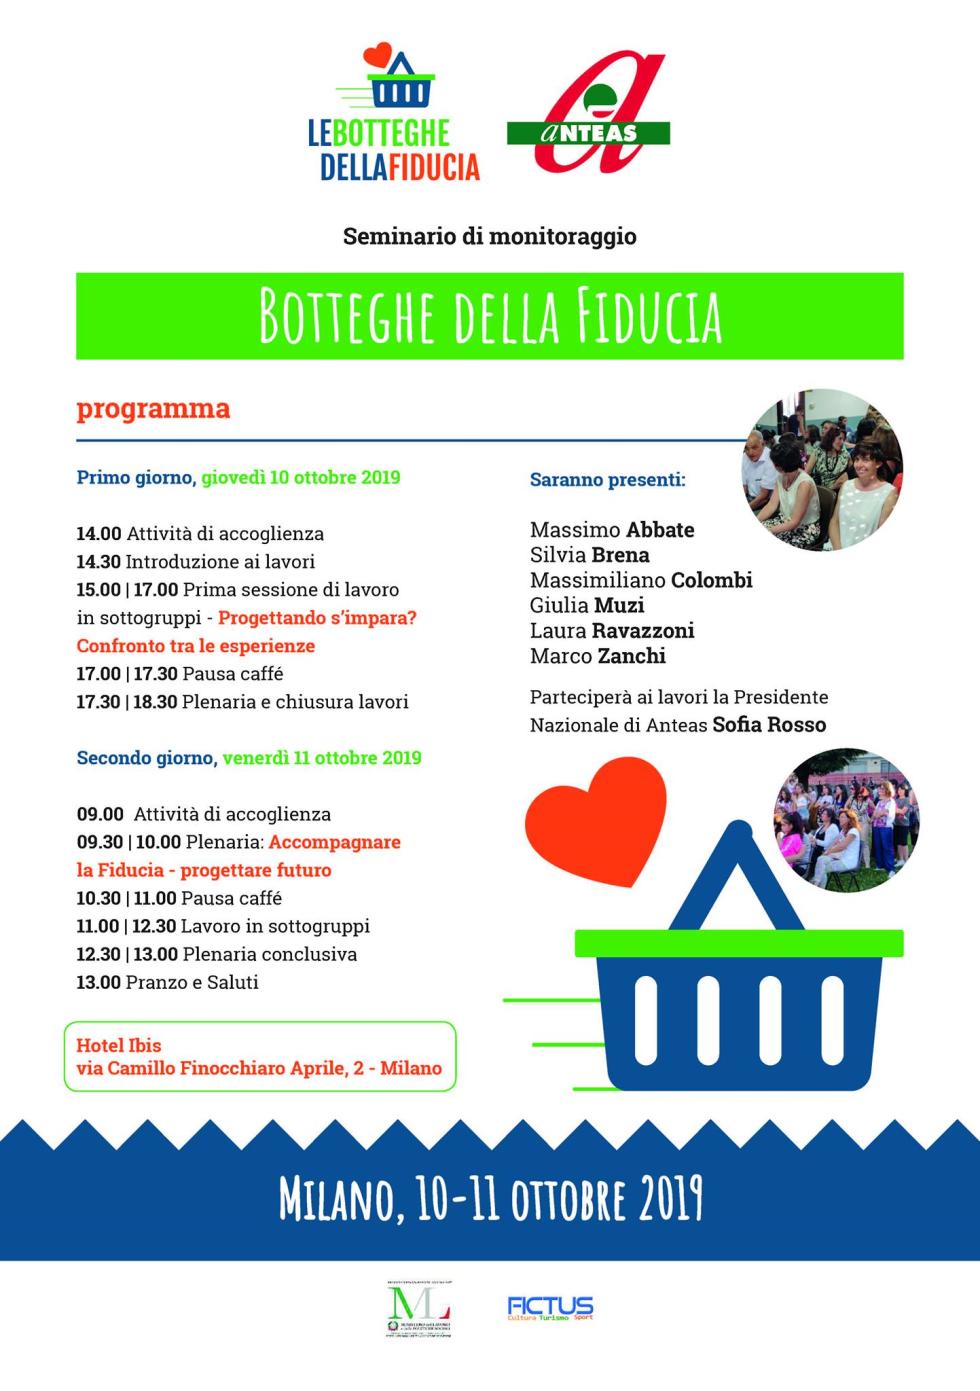 Programma seminario Botteghe della Fiducia a Milano